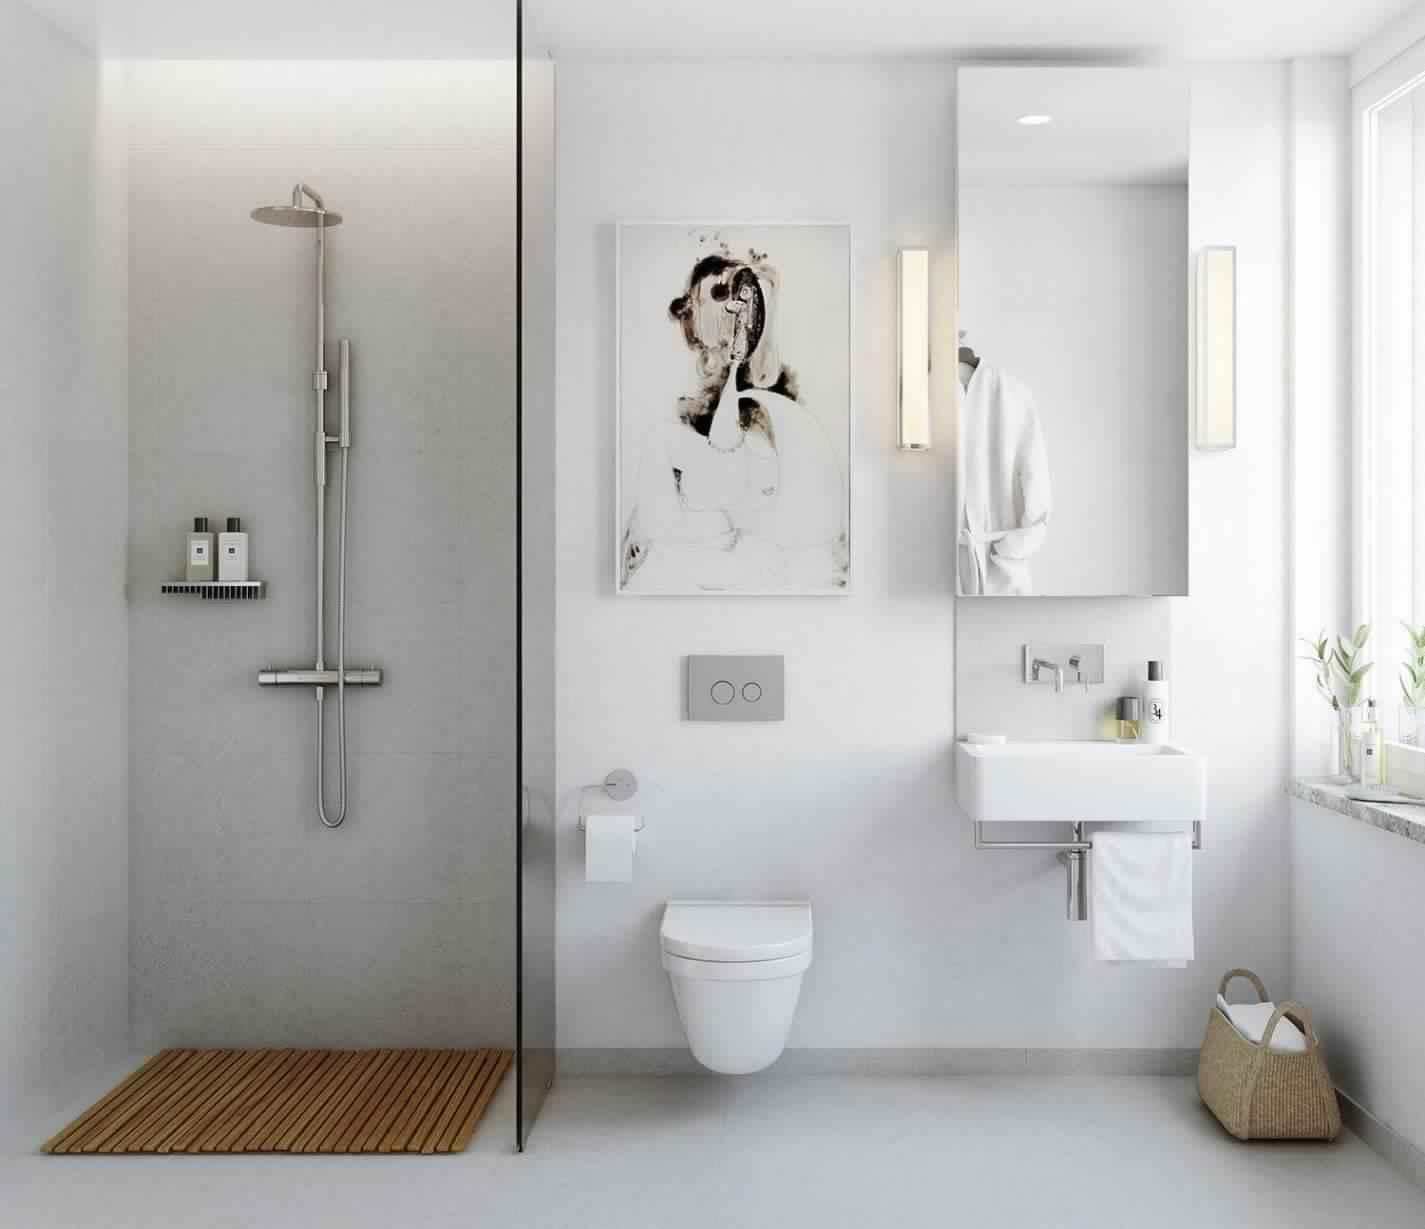 بالصور ديكور حمامات منازل , ديكورات تناسب جميع مساحات الحمامات 3254 15